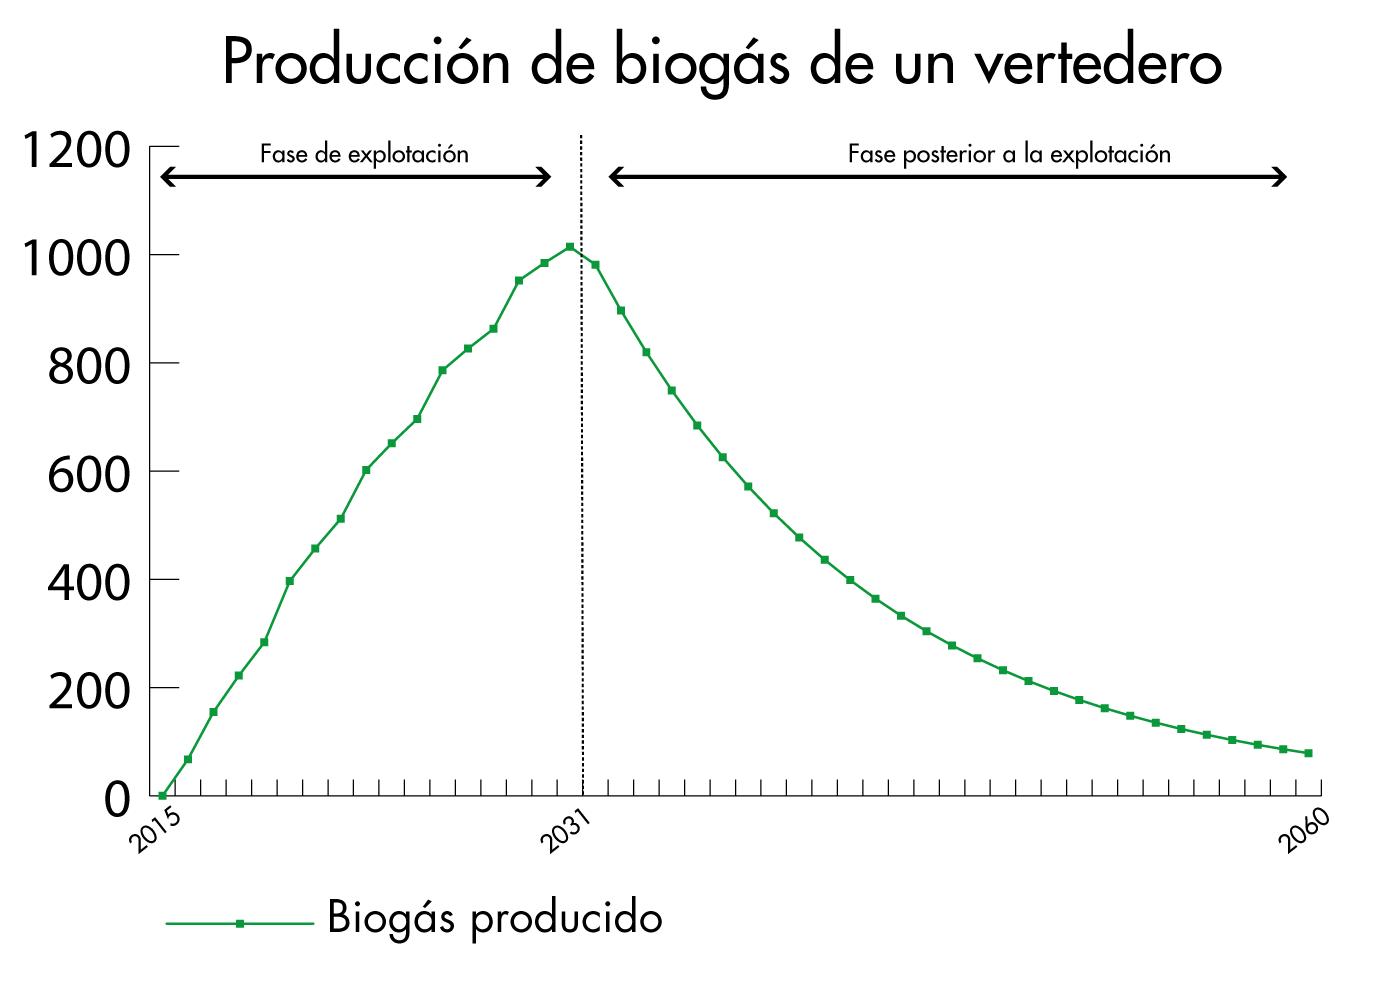 Evolución de la producción de biogás de un vertedero